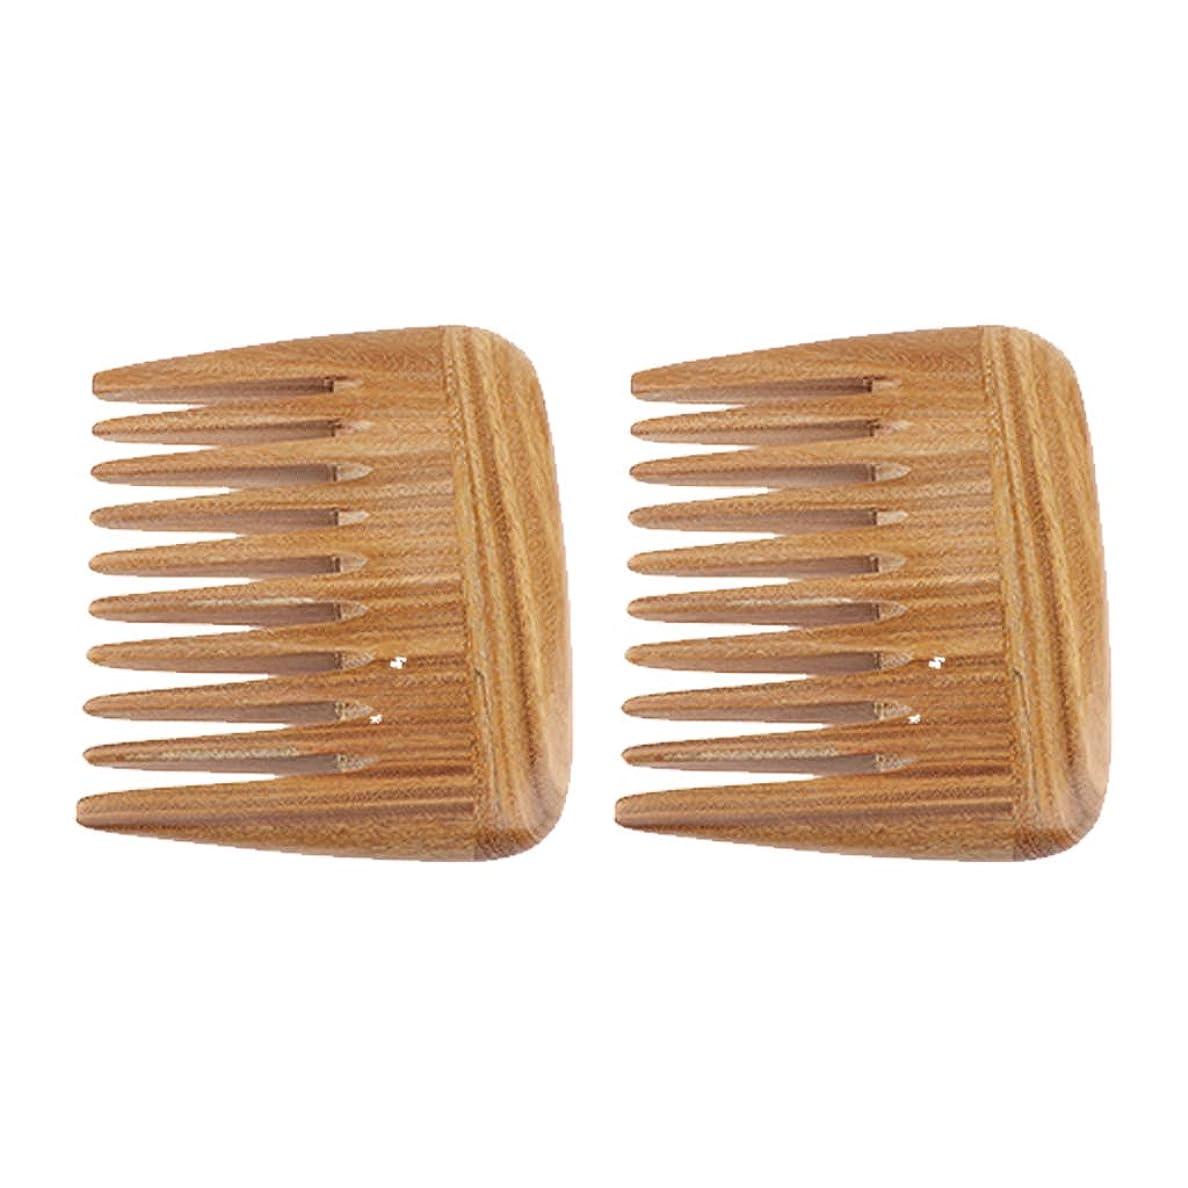 先史時代の提供雰囲気B Blesiya 2個 静電気防止櫛 ポケット ヘアコーム マッサージ櫛 広い歯